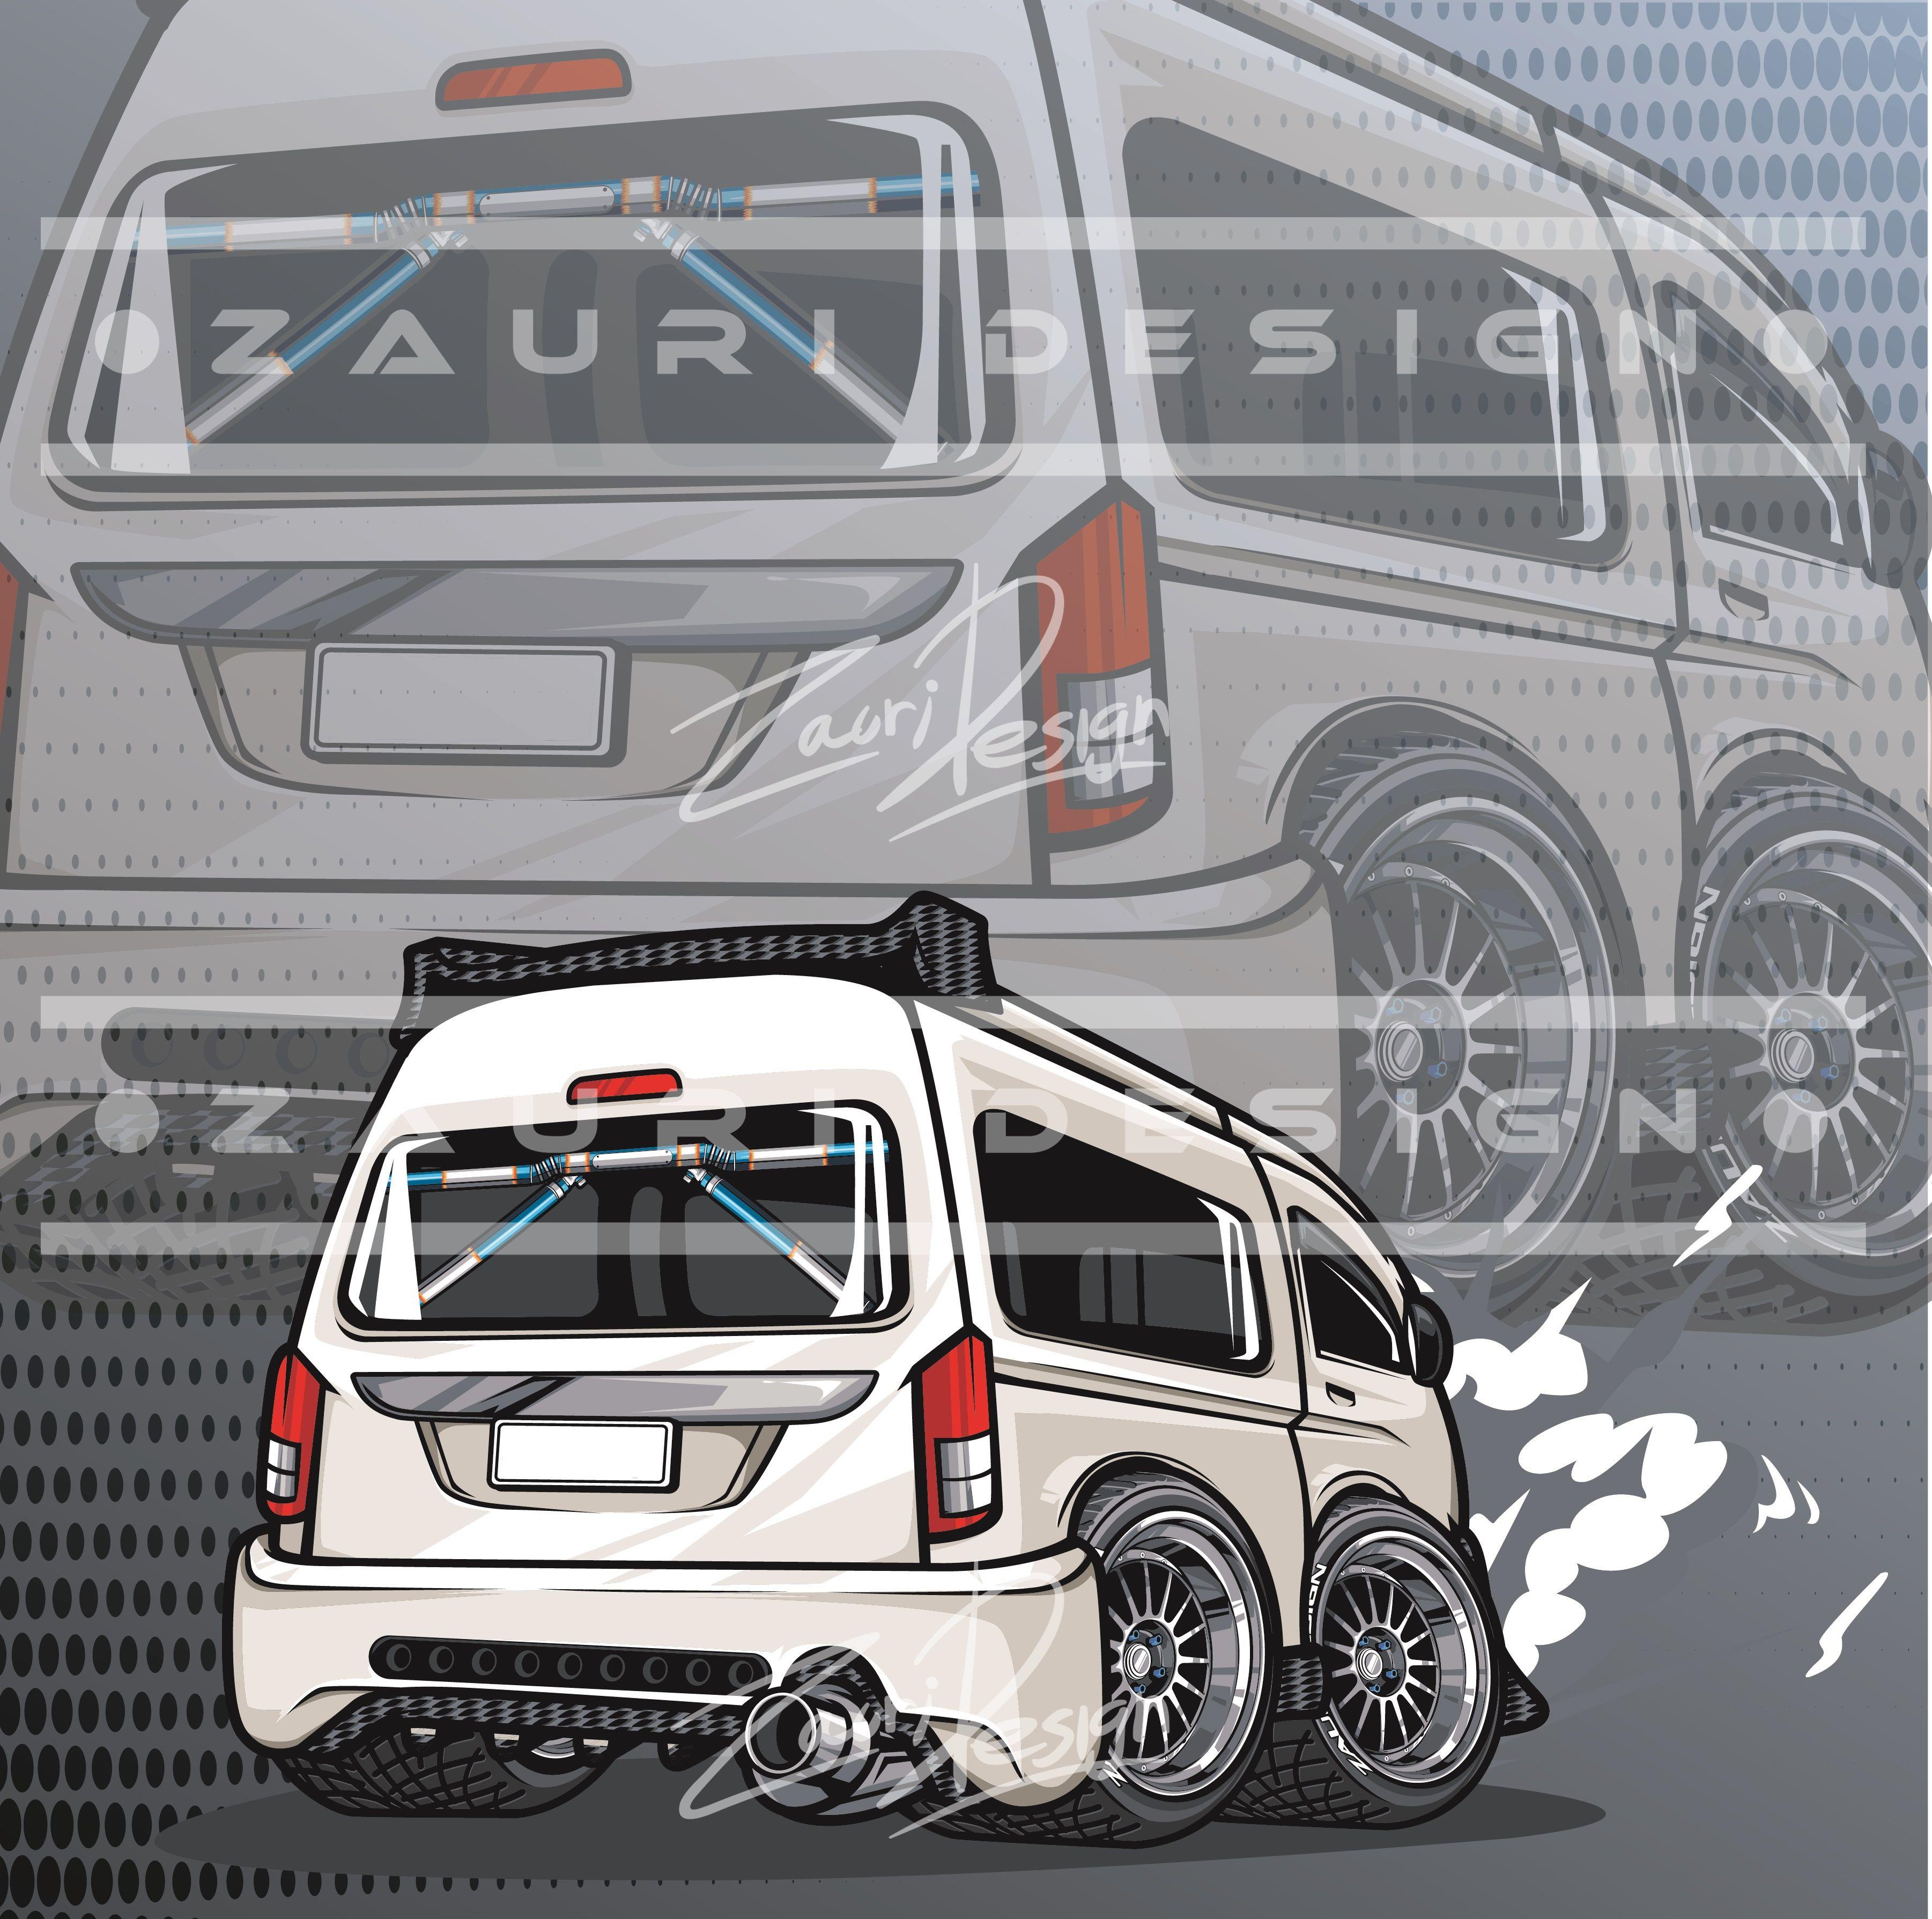 ป กพ นโดย Tum Khobaanthai ใน Zauri Design รถต สต กเกอร ต ดรถ รถแต ง